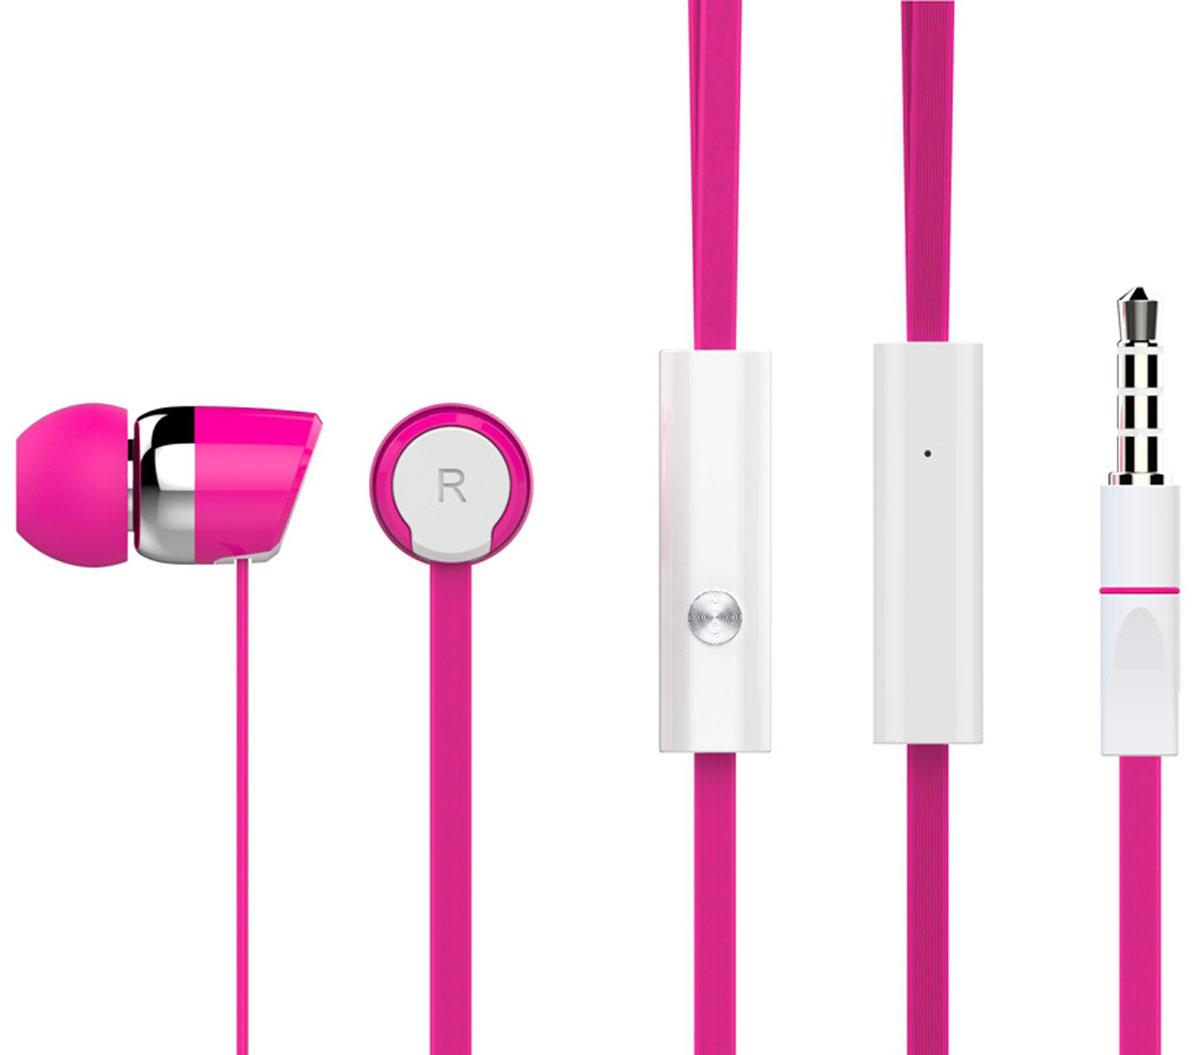 Harper Kids HV-104, Pink наушникиH00000769Яркие и стильные наушники Harper Kids HV-104 с люминесцентным покрытием (светятся в темноте). Гарнитура имеет встроенный пульт и микрофон для быстрого переключения между музыкой и вызовами. Подключив её к своему смартфону или планшету вы сможете не только наслаждаться любимой музыкой, но и с легкостью ответить на звонок, не доставая гаджет. Гарнитура имеет плоский, эластичный и устойчивый к запутыванию кабель длиной 1,2 метра. В комплекте с наушниками идут мягкие силиконовые накладки 3-х размеров для максимального комфорта.